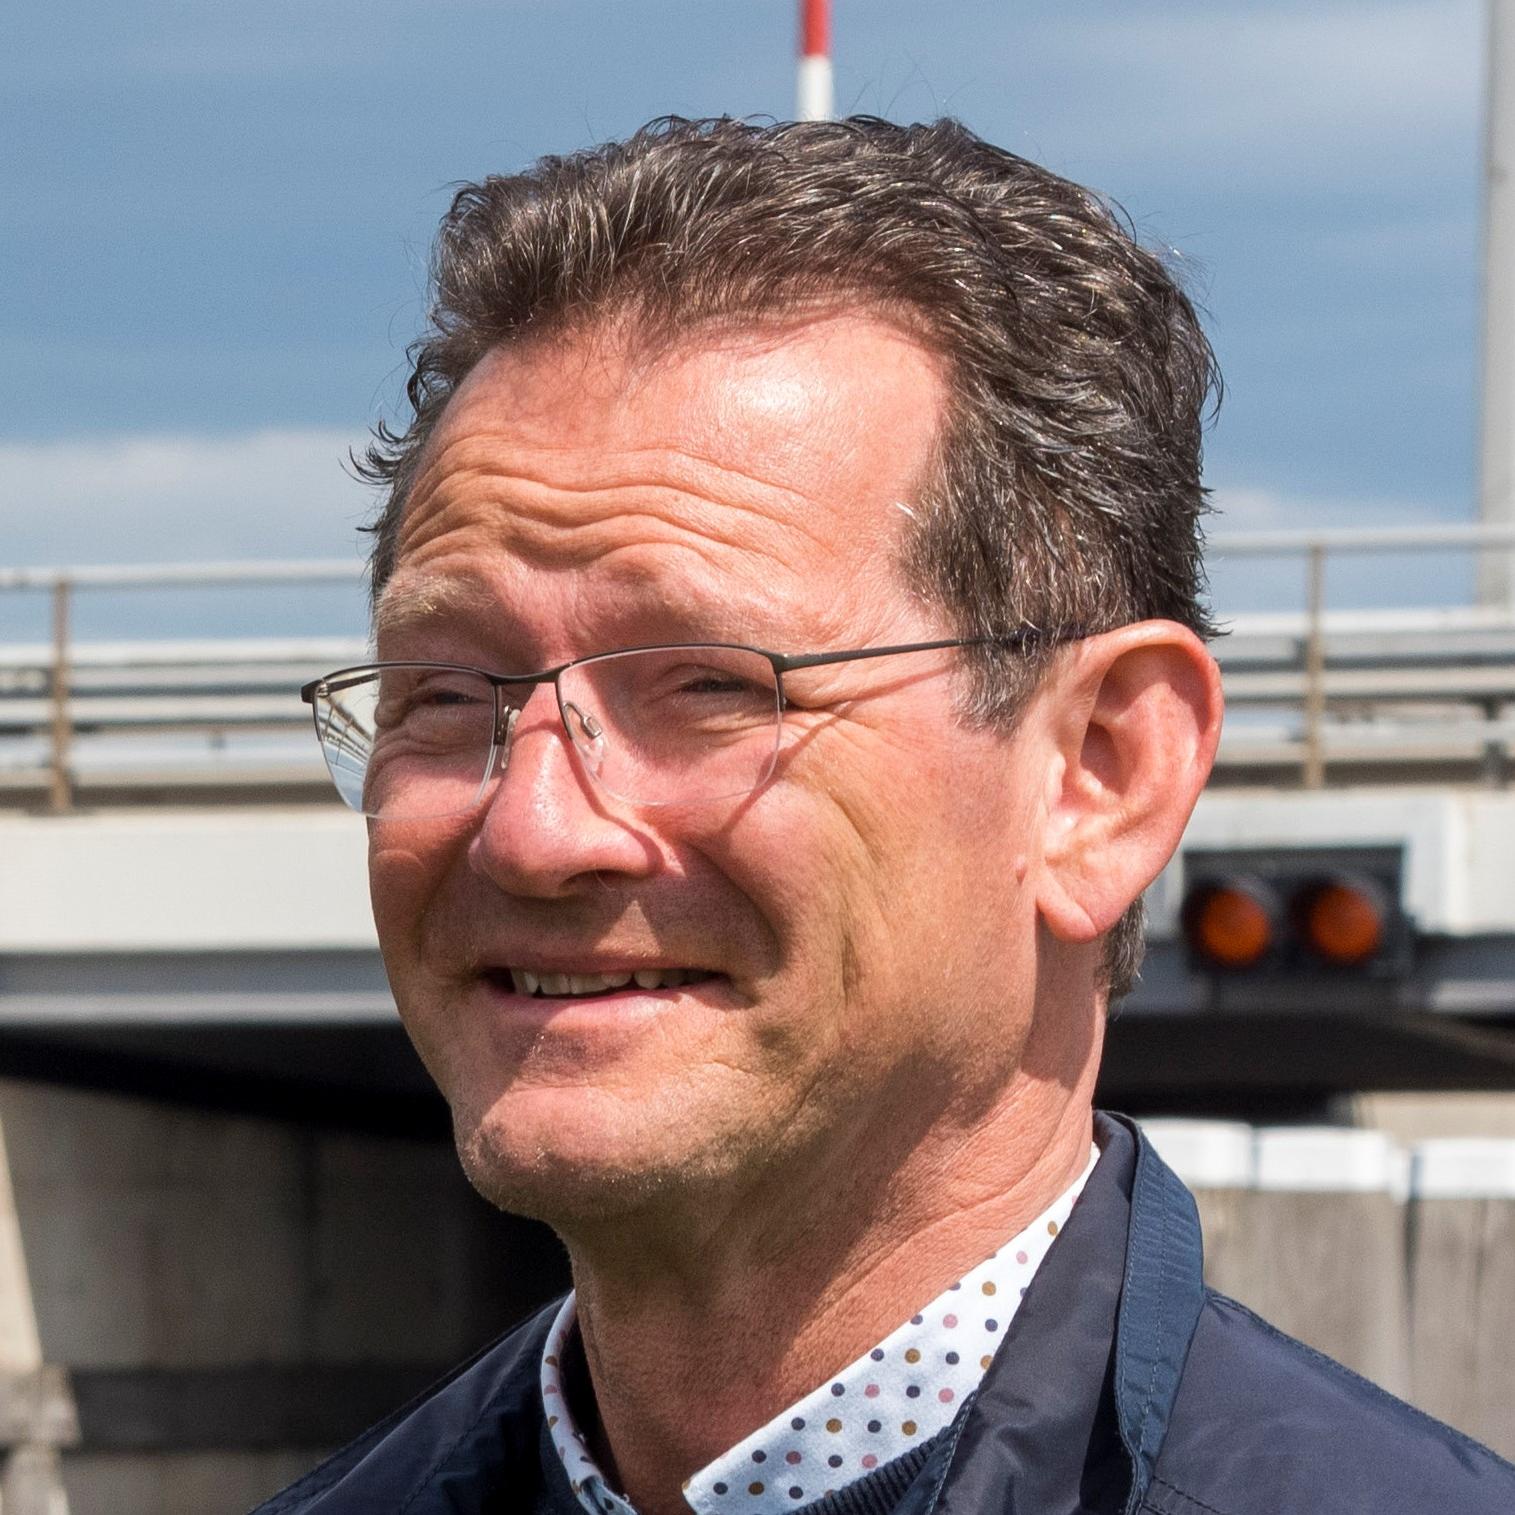 Paul Waarts